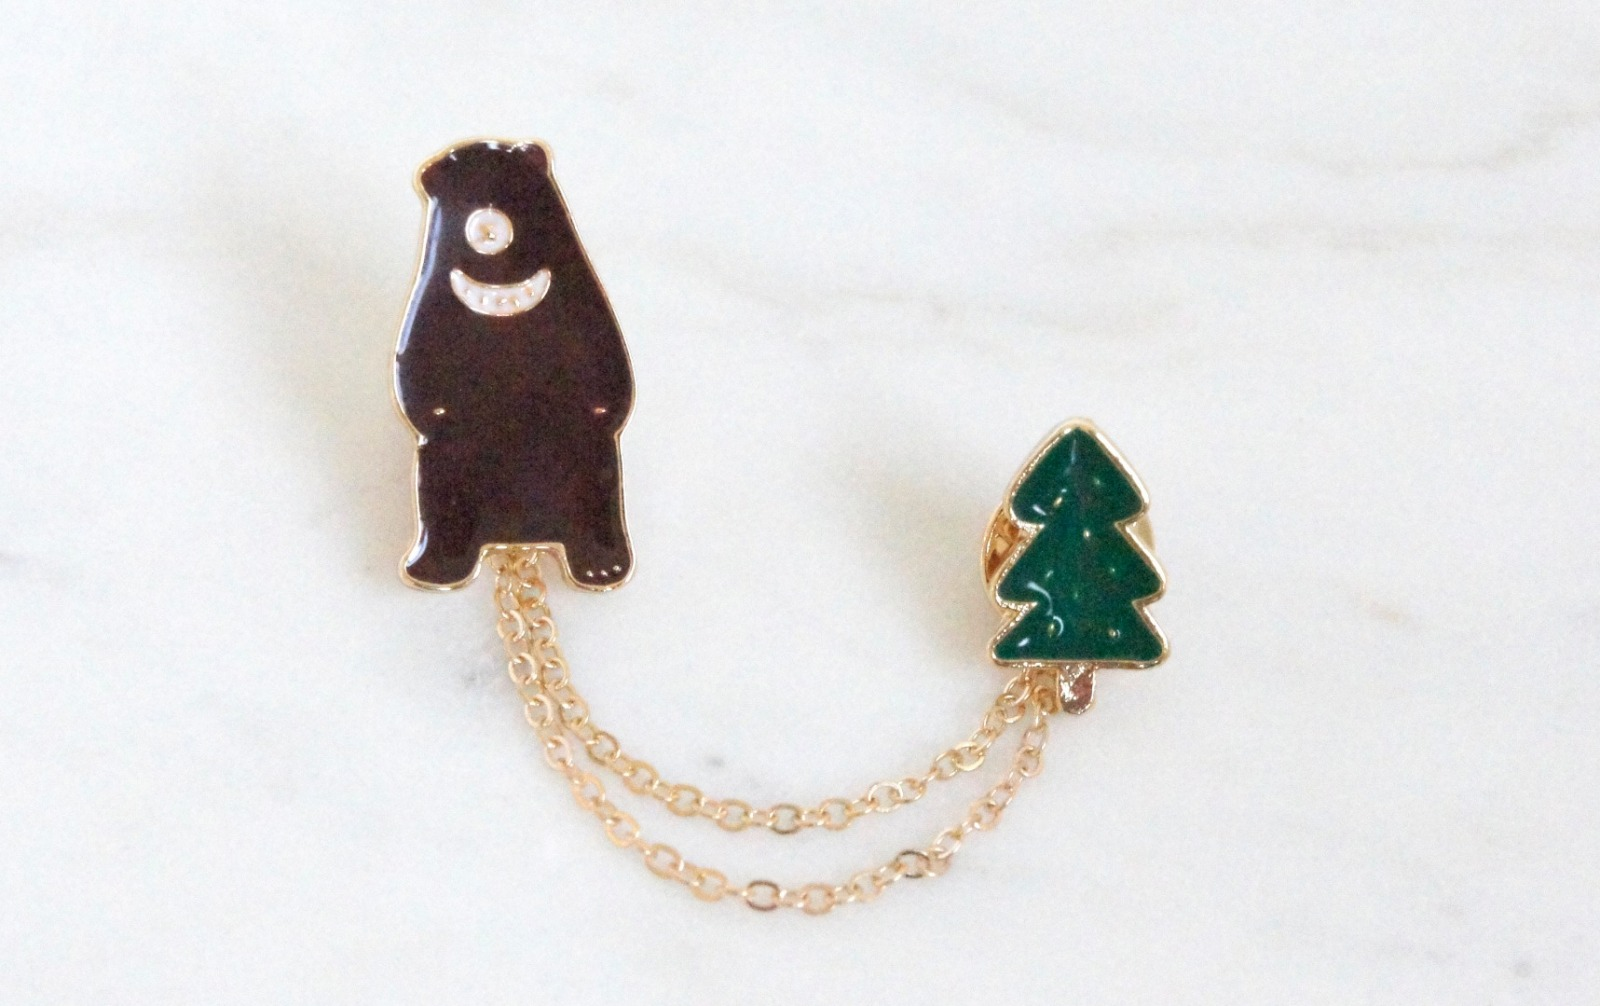 Brosche Pin Bär mit Tannenbaum 2